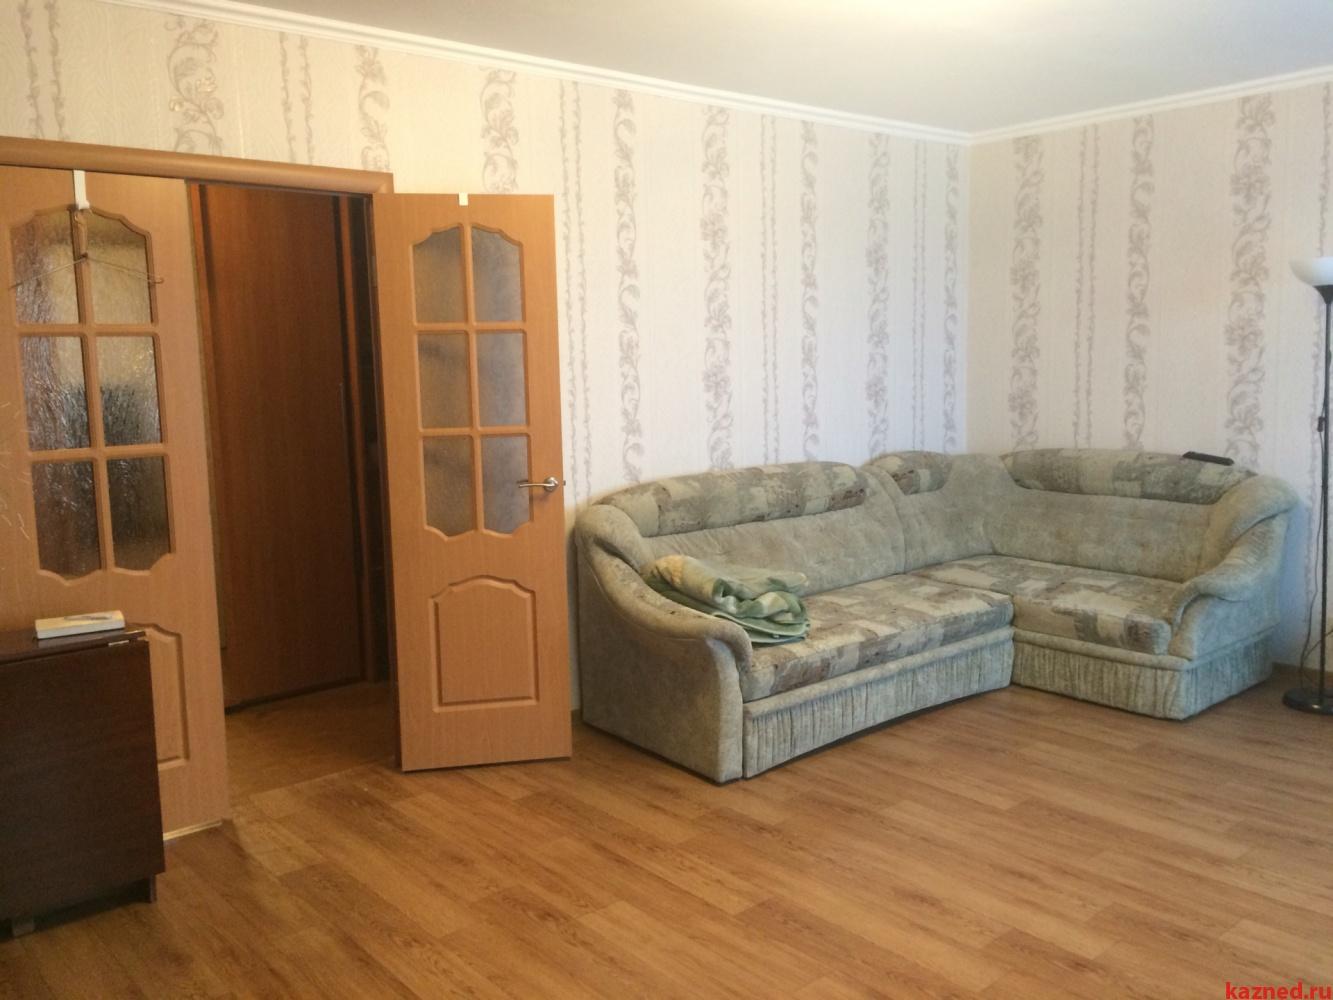 Продажа 2-к квартиры Проспект Победы,158, 73 м² (миниатюра №5)